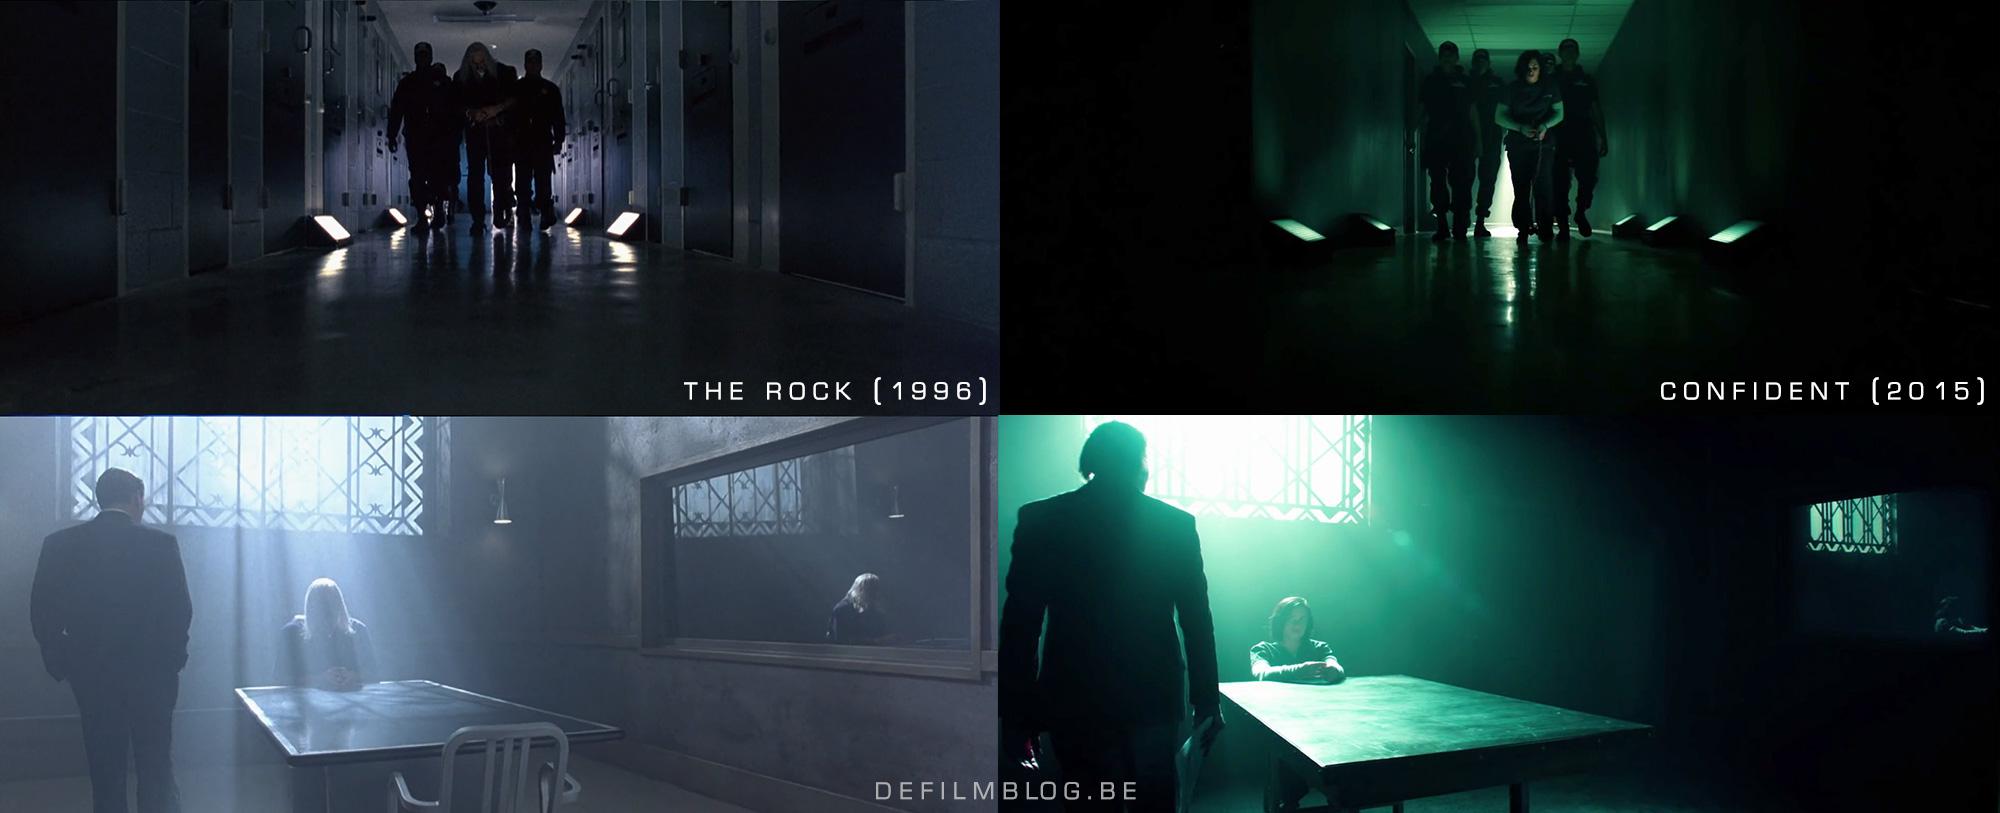 the_rock_1996_vs_confident_demi_lovato_pic.jpg